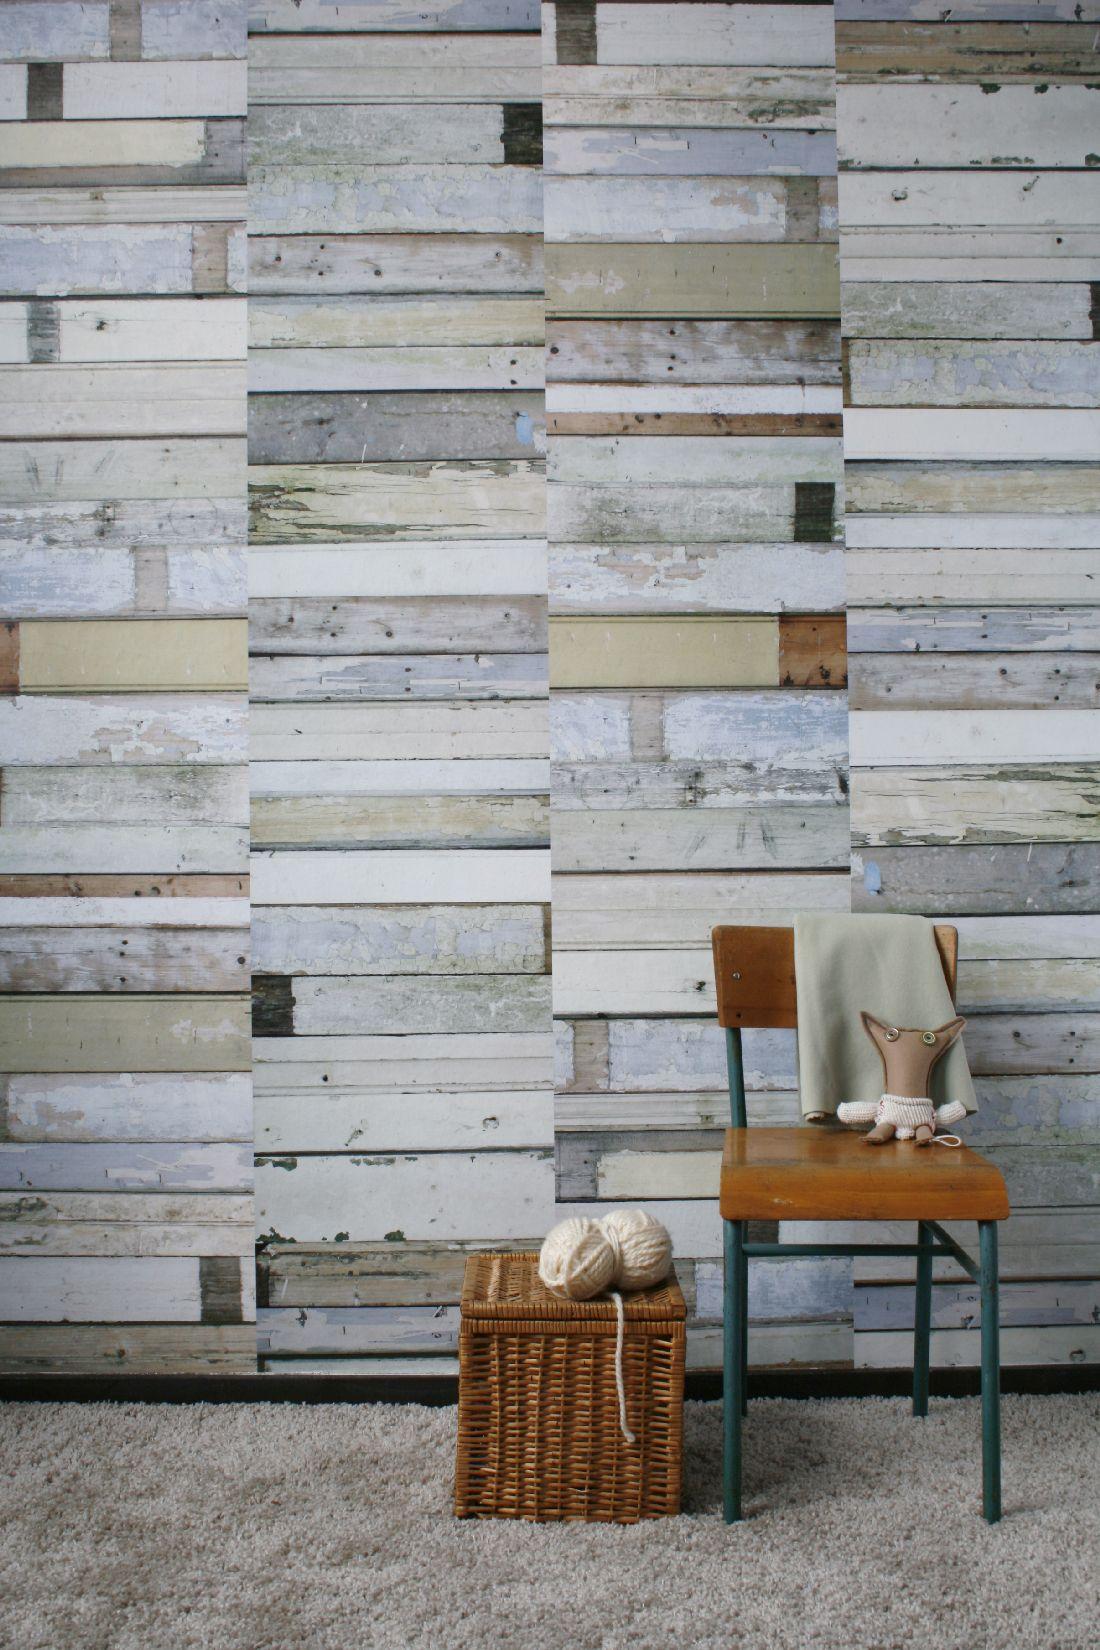 17ksl-living-papier-peint-effet-planches-de-bois-patinees-blanc-gris-par-studio-ditte.jpg